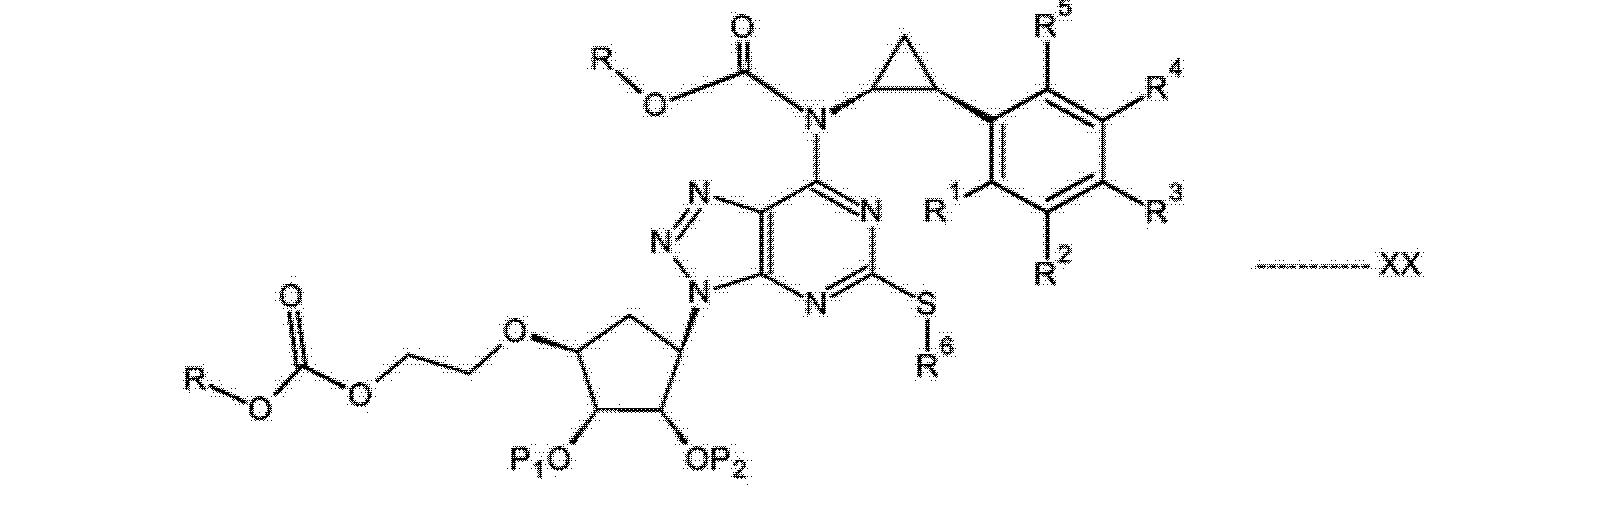 Figure CN103429576AC00173